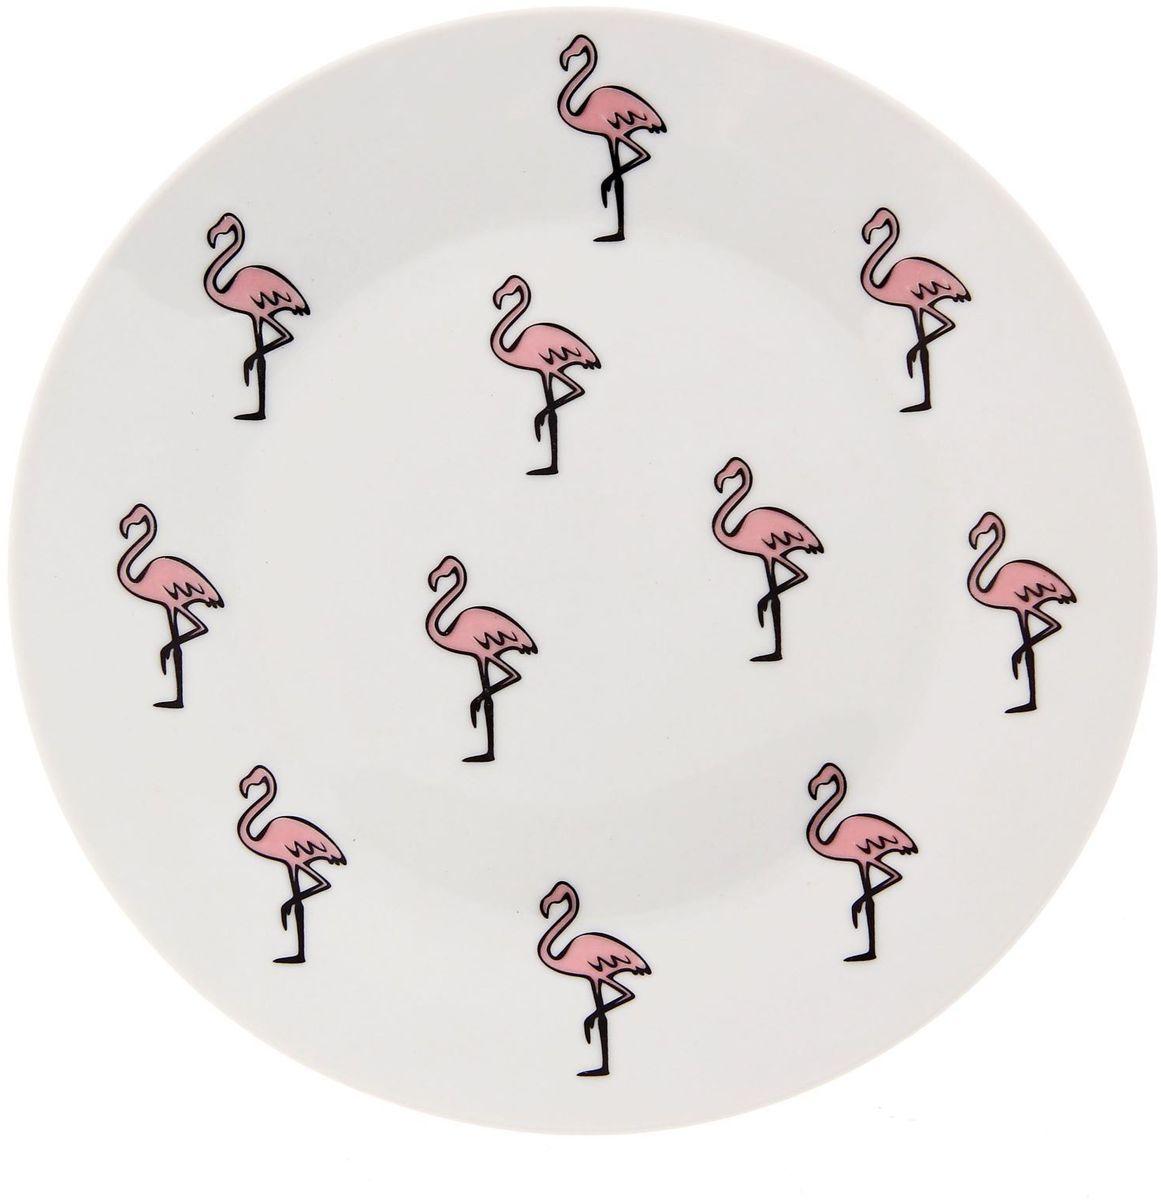 Тарелка мелкая Сотвори чудо Розовый фламинго, диаметр 20 см54 009312Хотите обновить интерьер кухни или гостиной? Устраиваете необычную фотосессию или тематический праздник? А может, просто ищете подарок для близкого человека? Посуда Сотвори Чудо — правильный выбор в любой ситуации. Тарелка Сотвори Чудо, изготовленная из изящного фаянса нежного сливочного цвета, оформлена оригинальным рисунком со стойкой краской. Пригодна для посудомоечной машины.